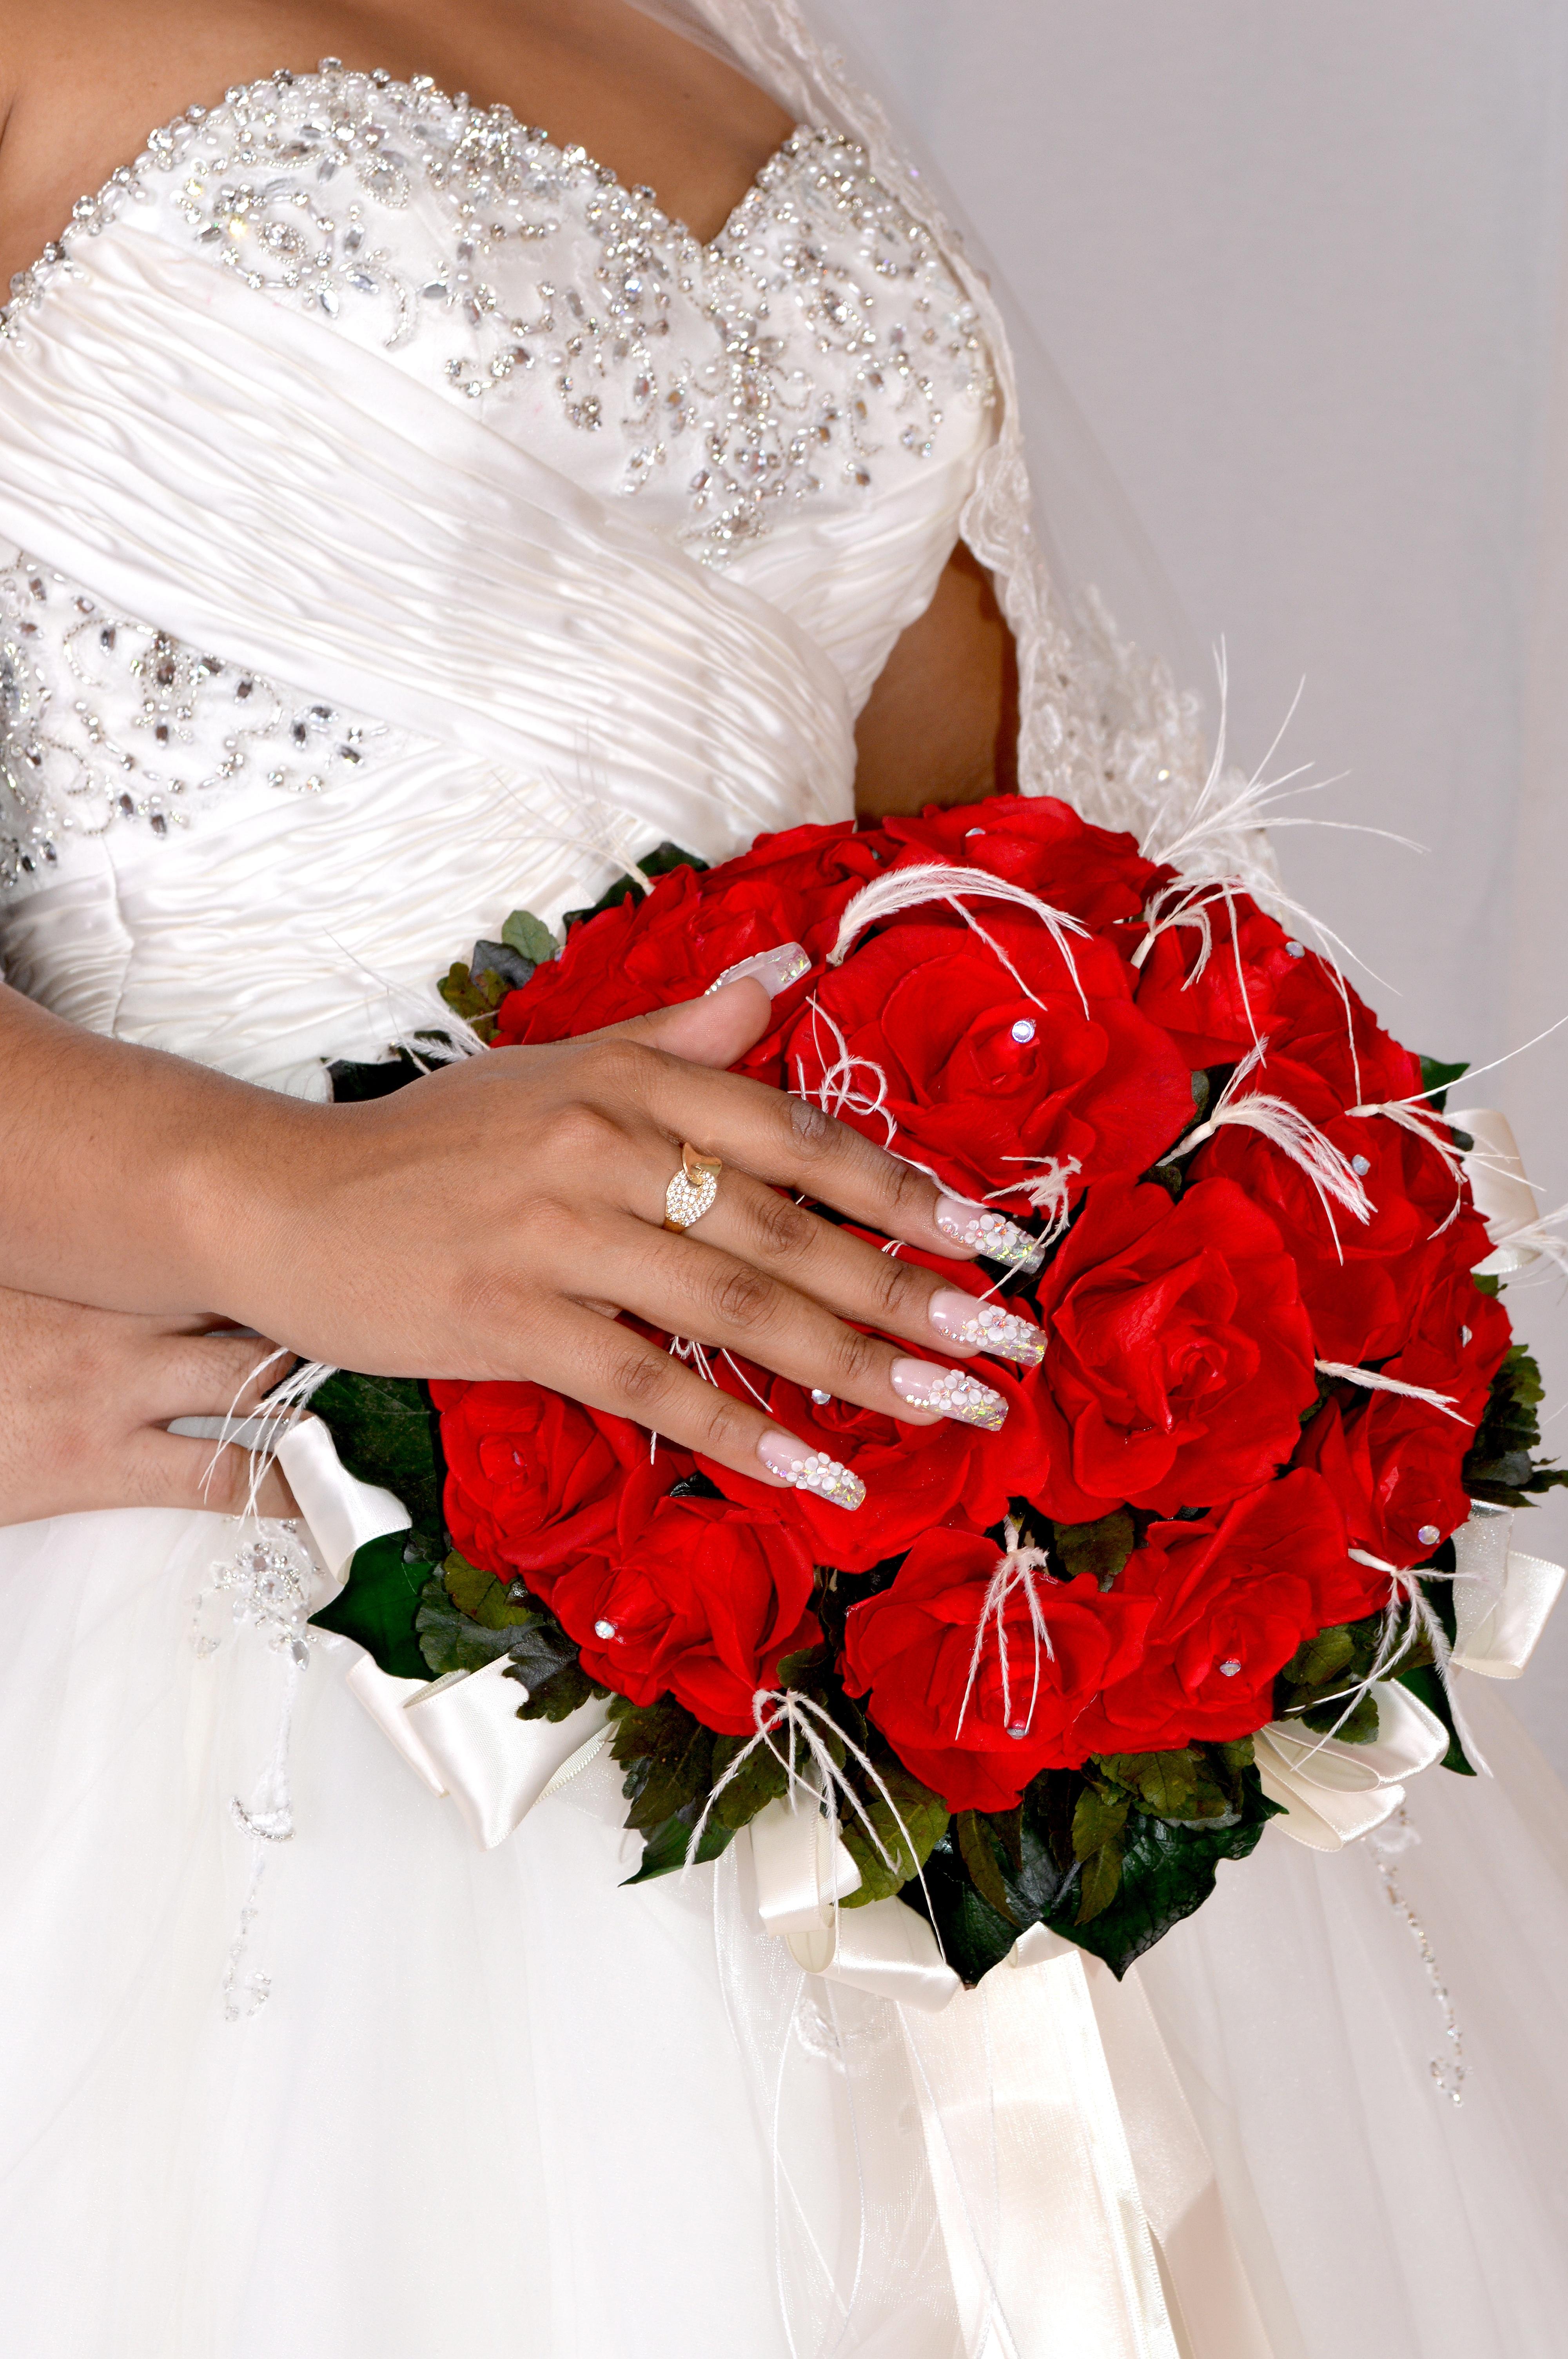 kostenlose foto : hand, person, pflanze, frau, weiß, ring